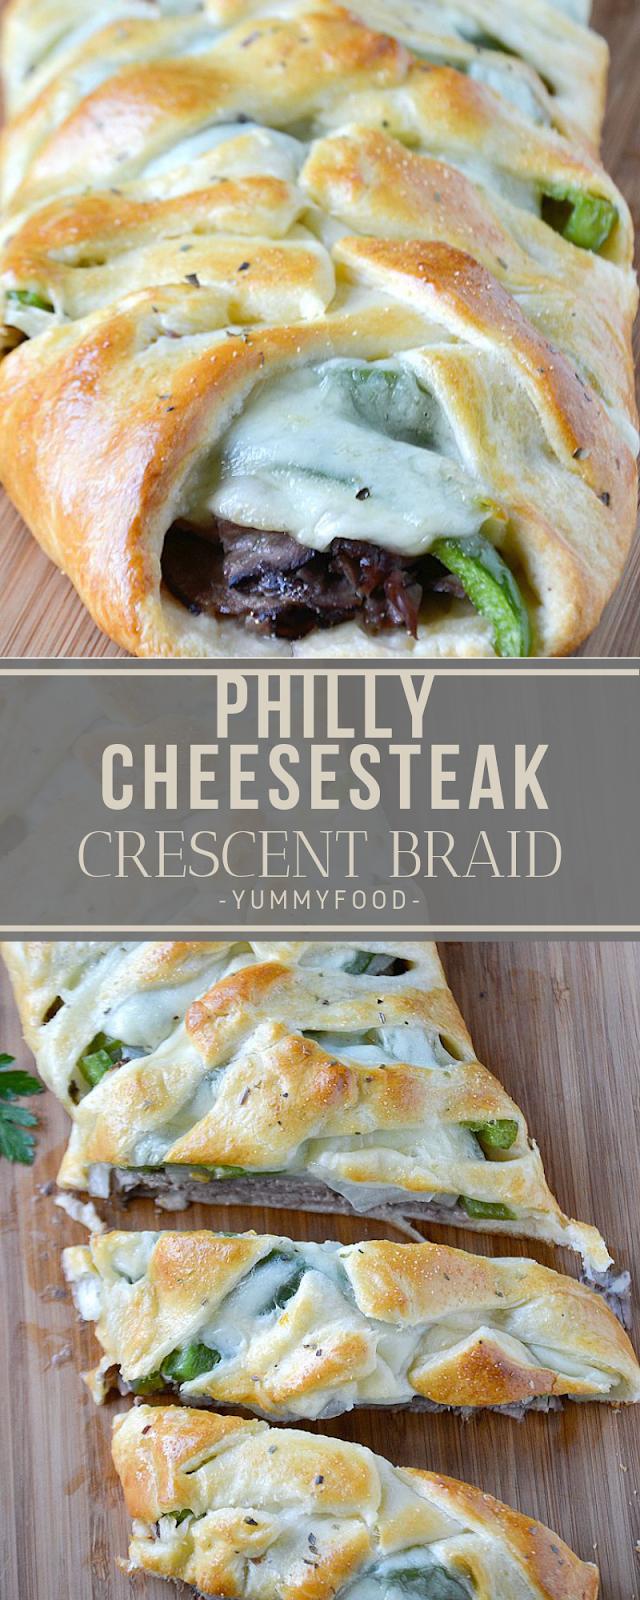 Philly Cheesesteak Crescent Braid